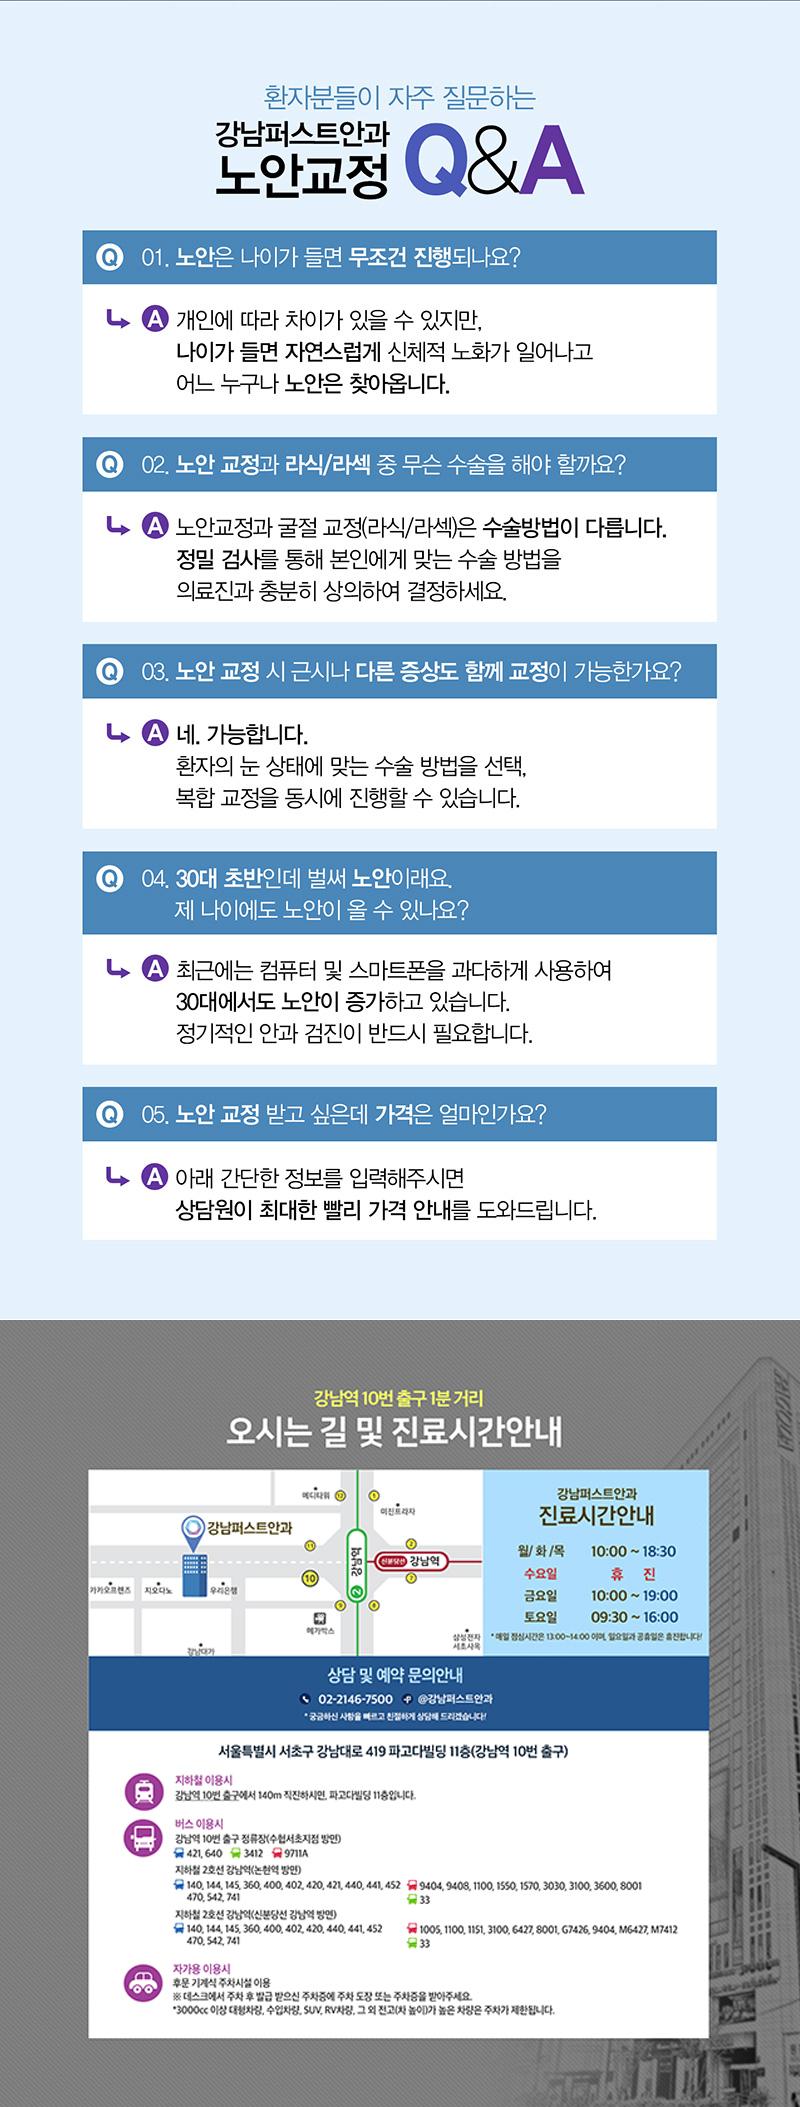 D event info 63699608845fbc9db3